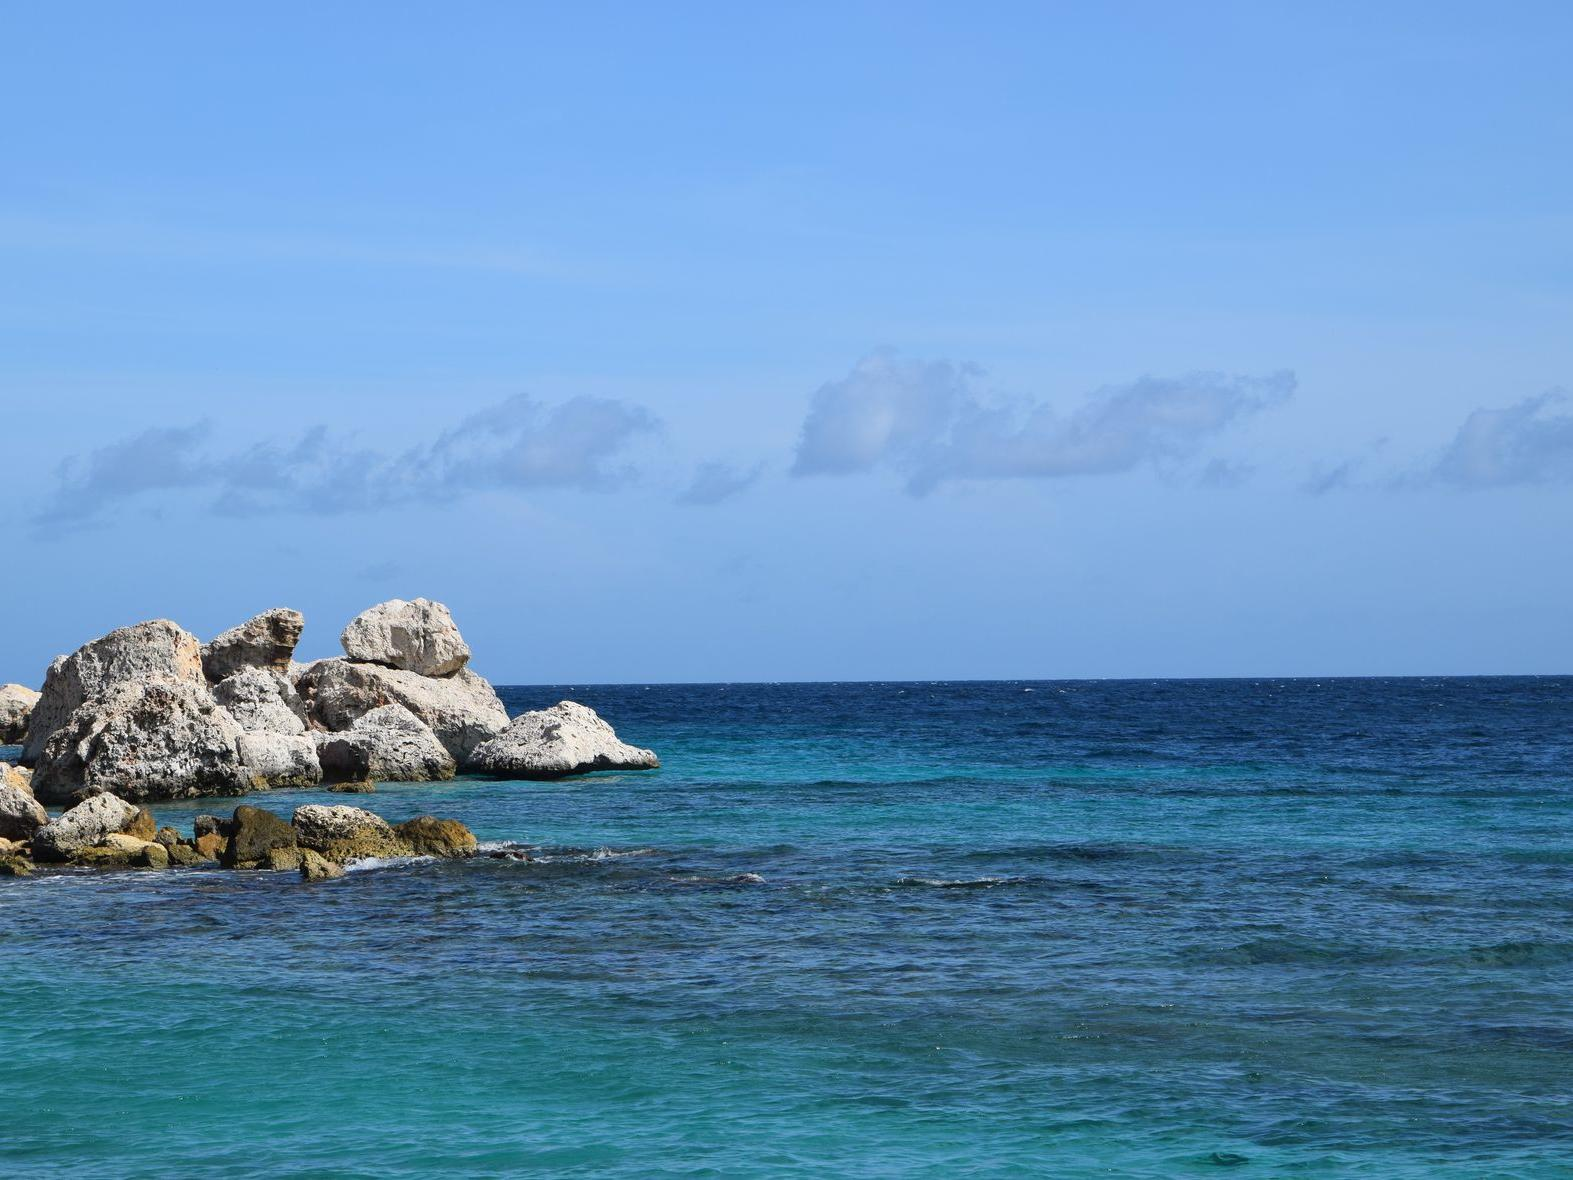 Ocean off Curaçao